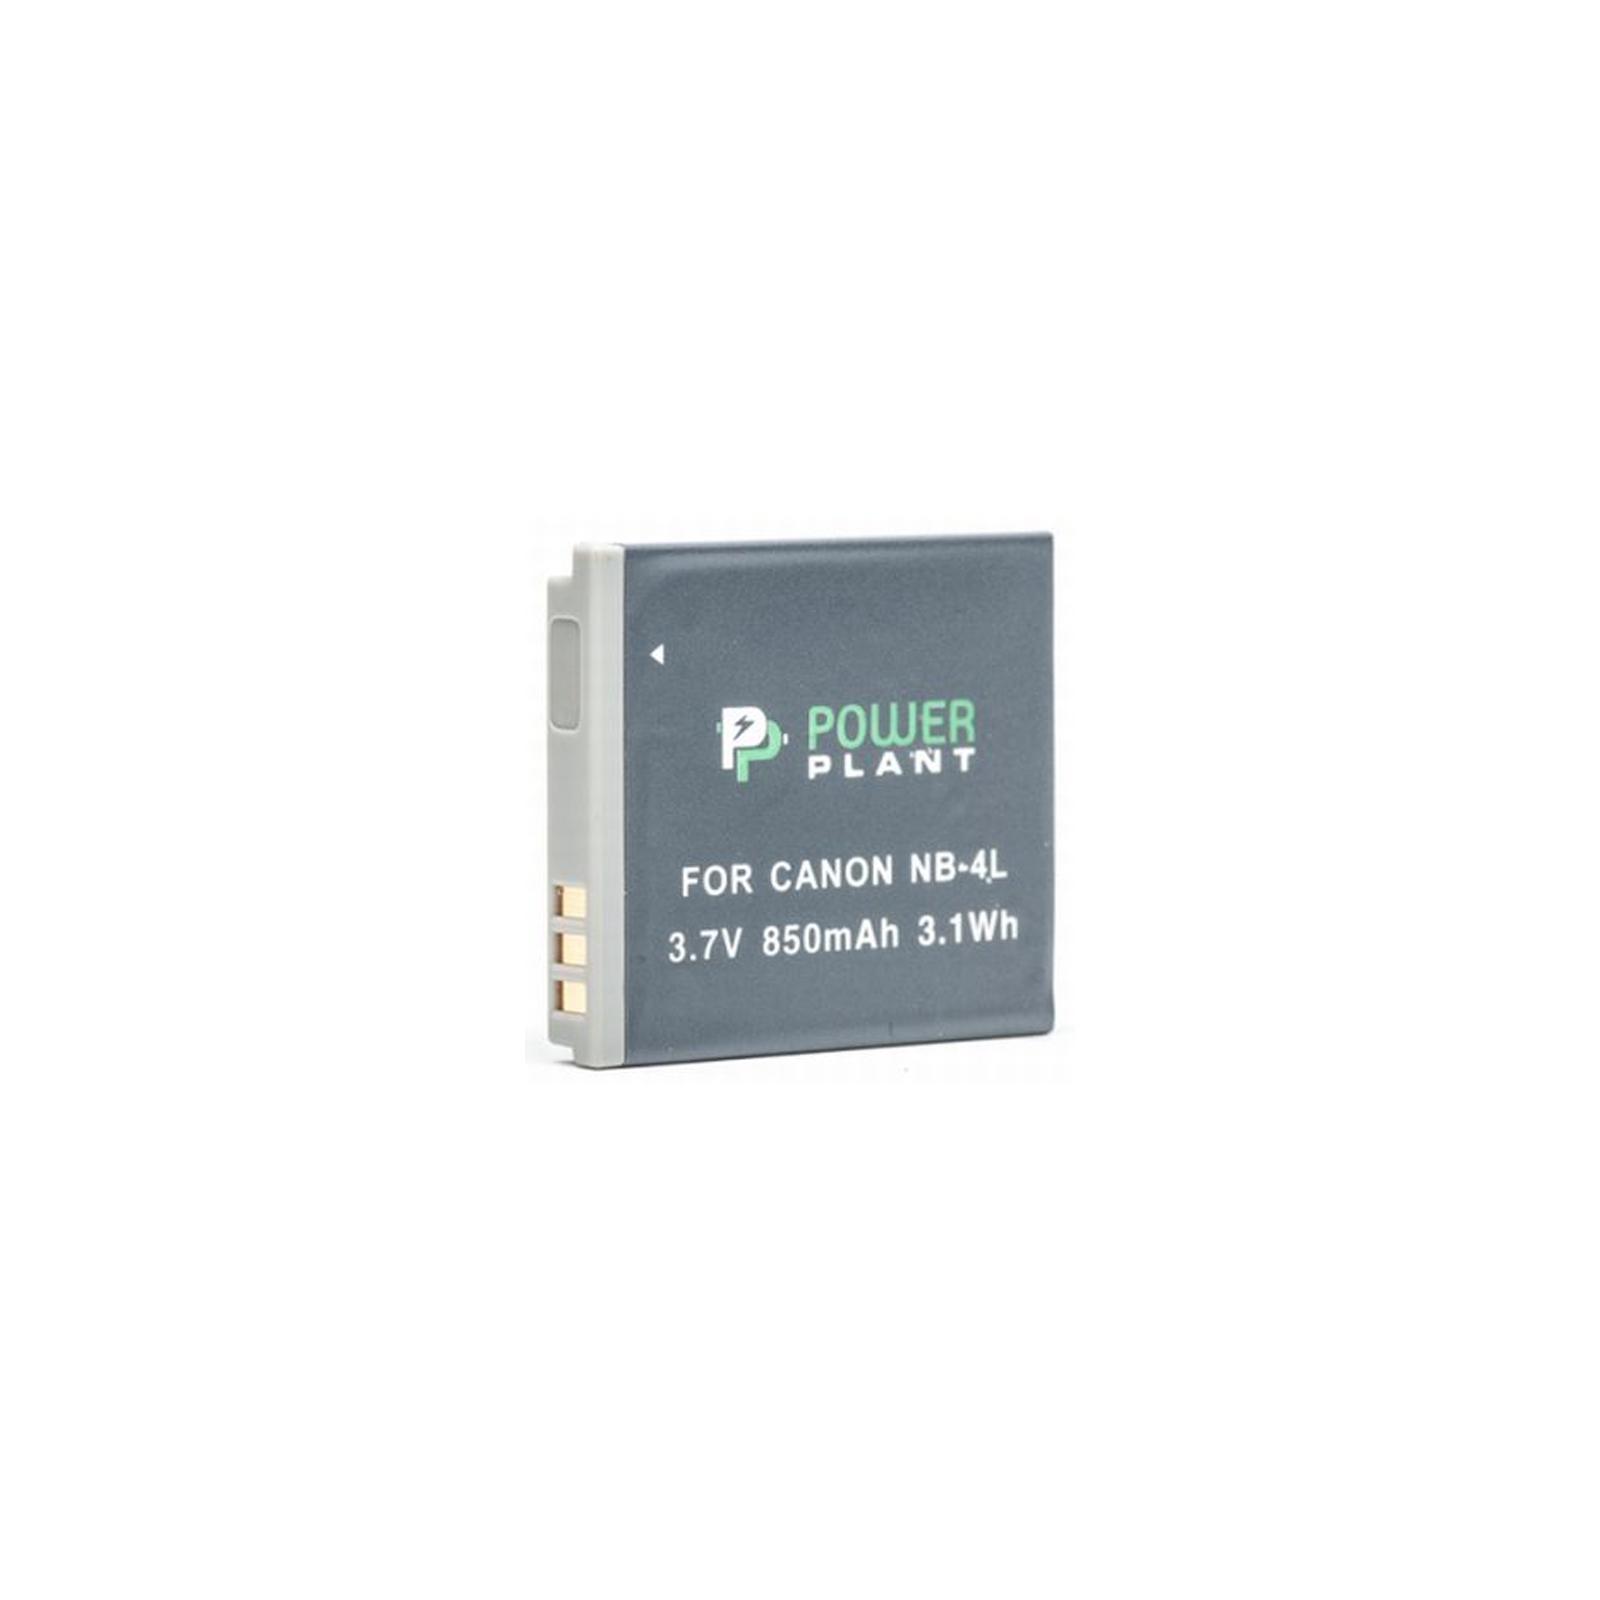 Аккумулятор к фото/видео PowerPlant Canon NB-4L (DV00DV1006)